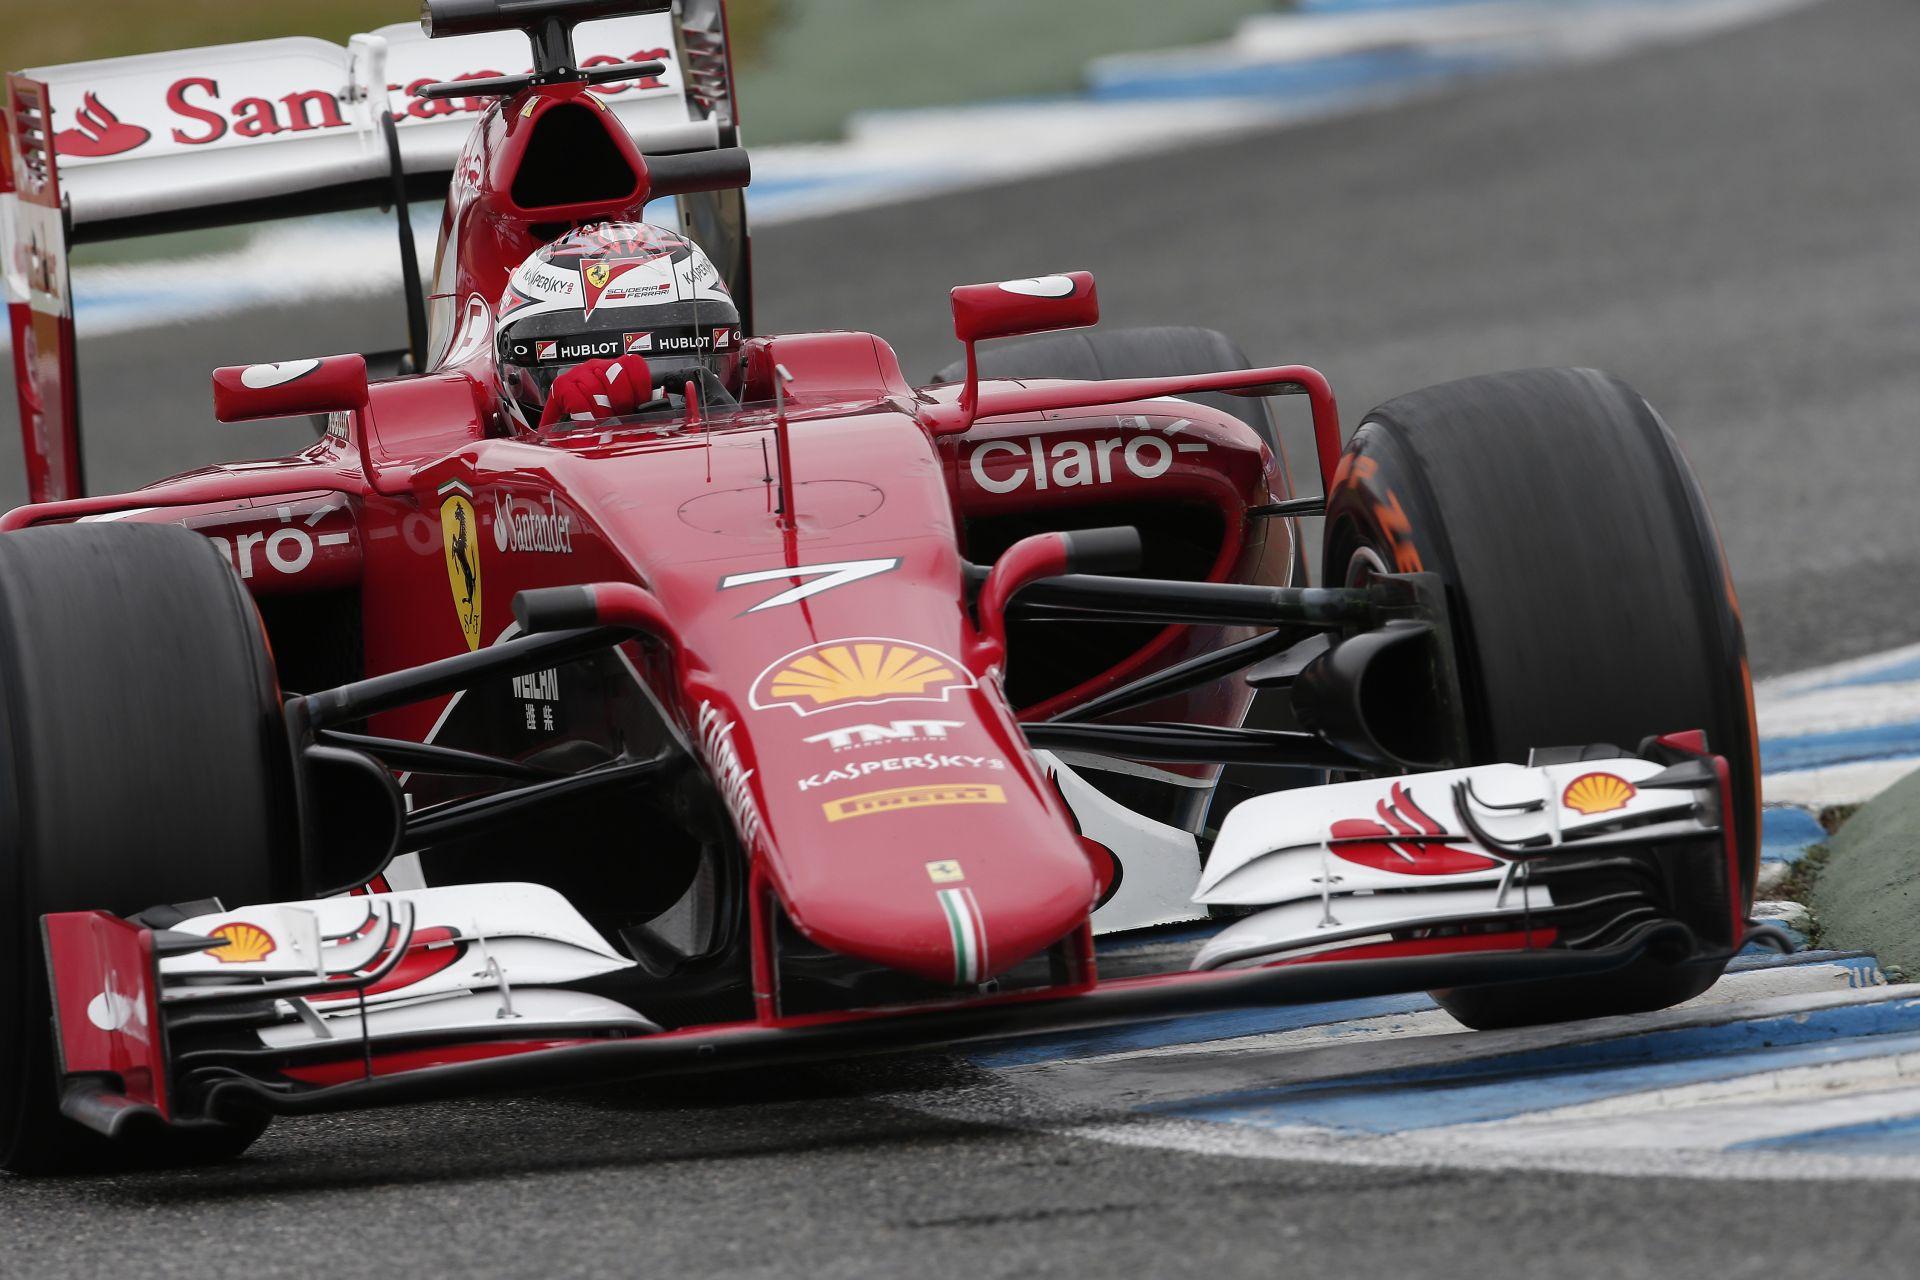 Vettel, vagy Raikkönen idén bajnok lesz a Ferrarival? Nagyon erős… Nagyon erős! Csodák nem léteznek